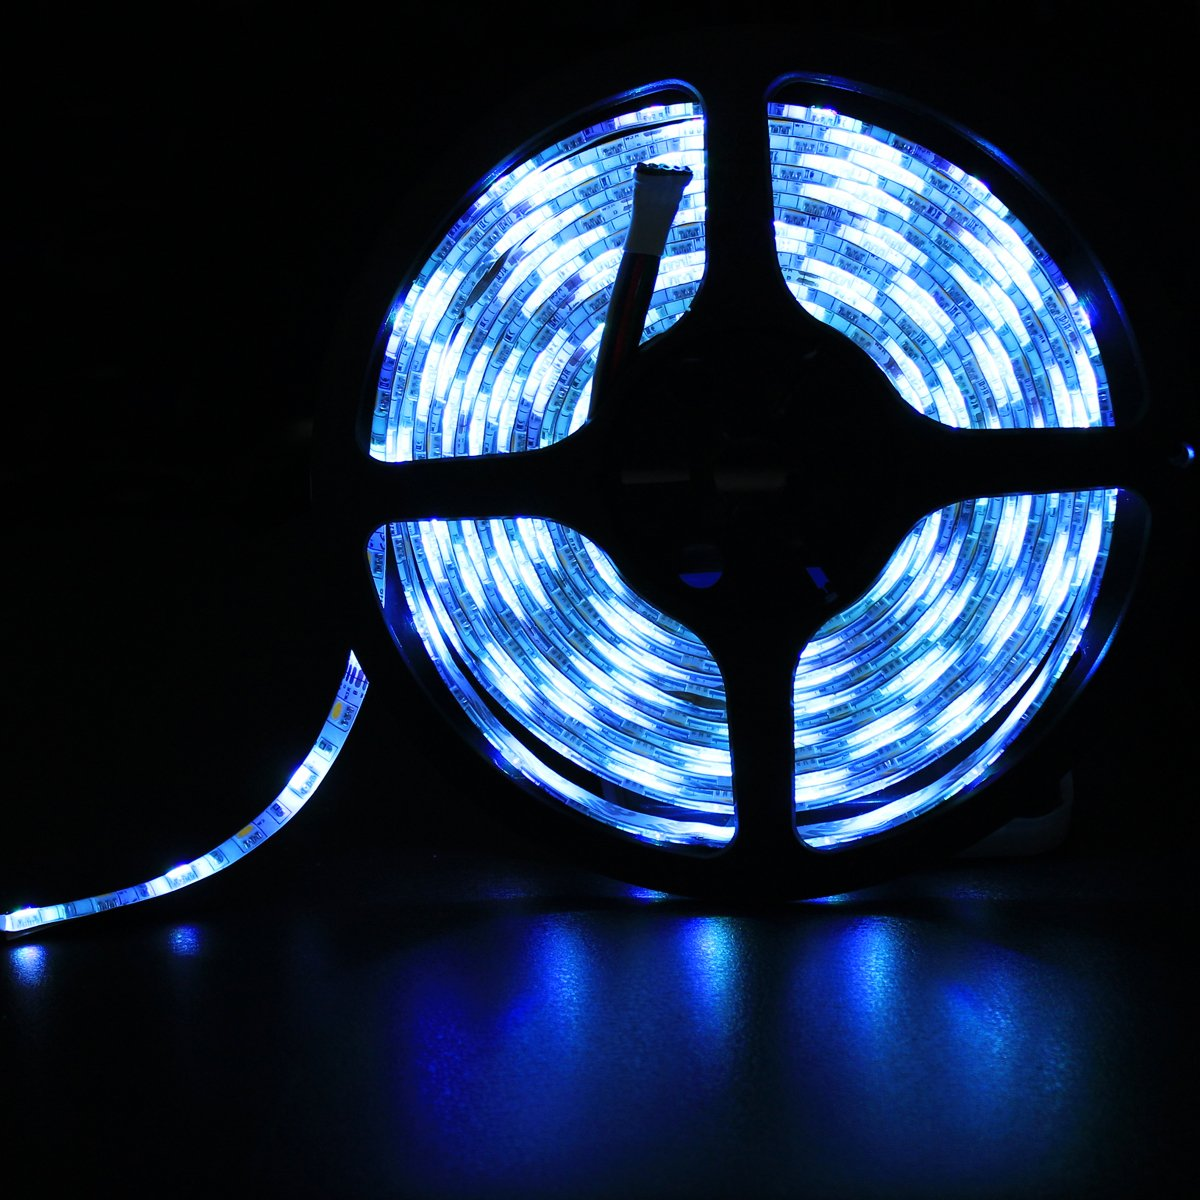 Cinta de luz LED RGBW 16.4ft los 5M RGB impermeable flexible blanco 300leds que cambia de color luz de tira RGBWWP